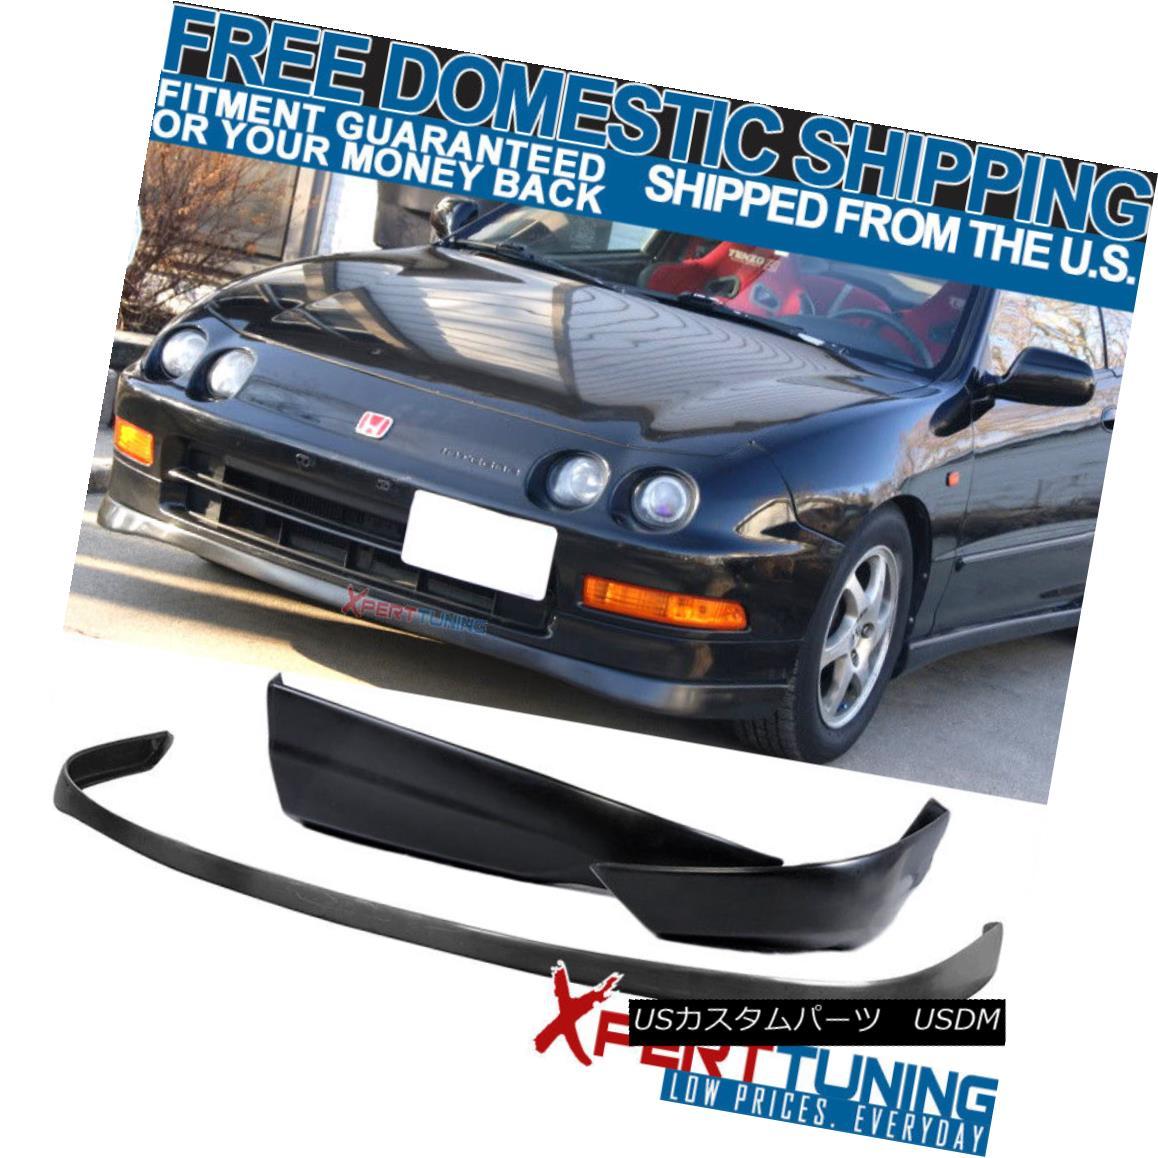 エアロパーツ Fits:94-97 Acura Integra SIR VTEC Urethane Front Bumper Lip + T-R ABS Rear Lip フィット:94-97 Acura Integra SIR VTECウレタンフロントバンパーリップ+ T-R ABSリアリップ